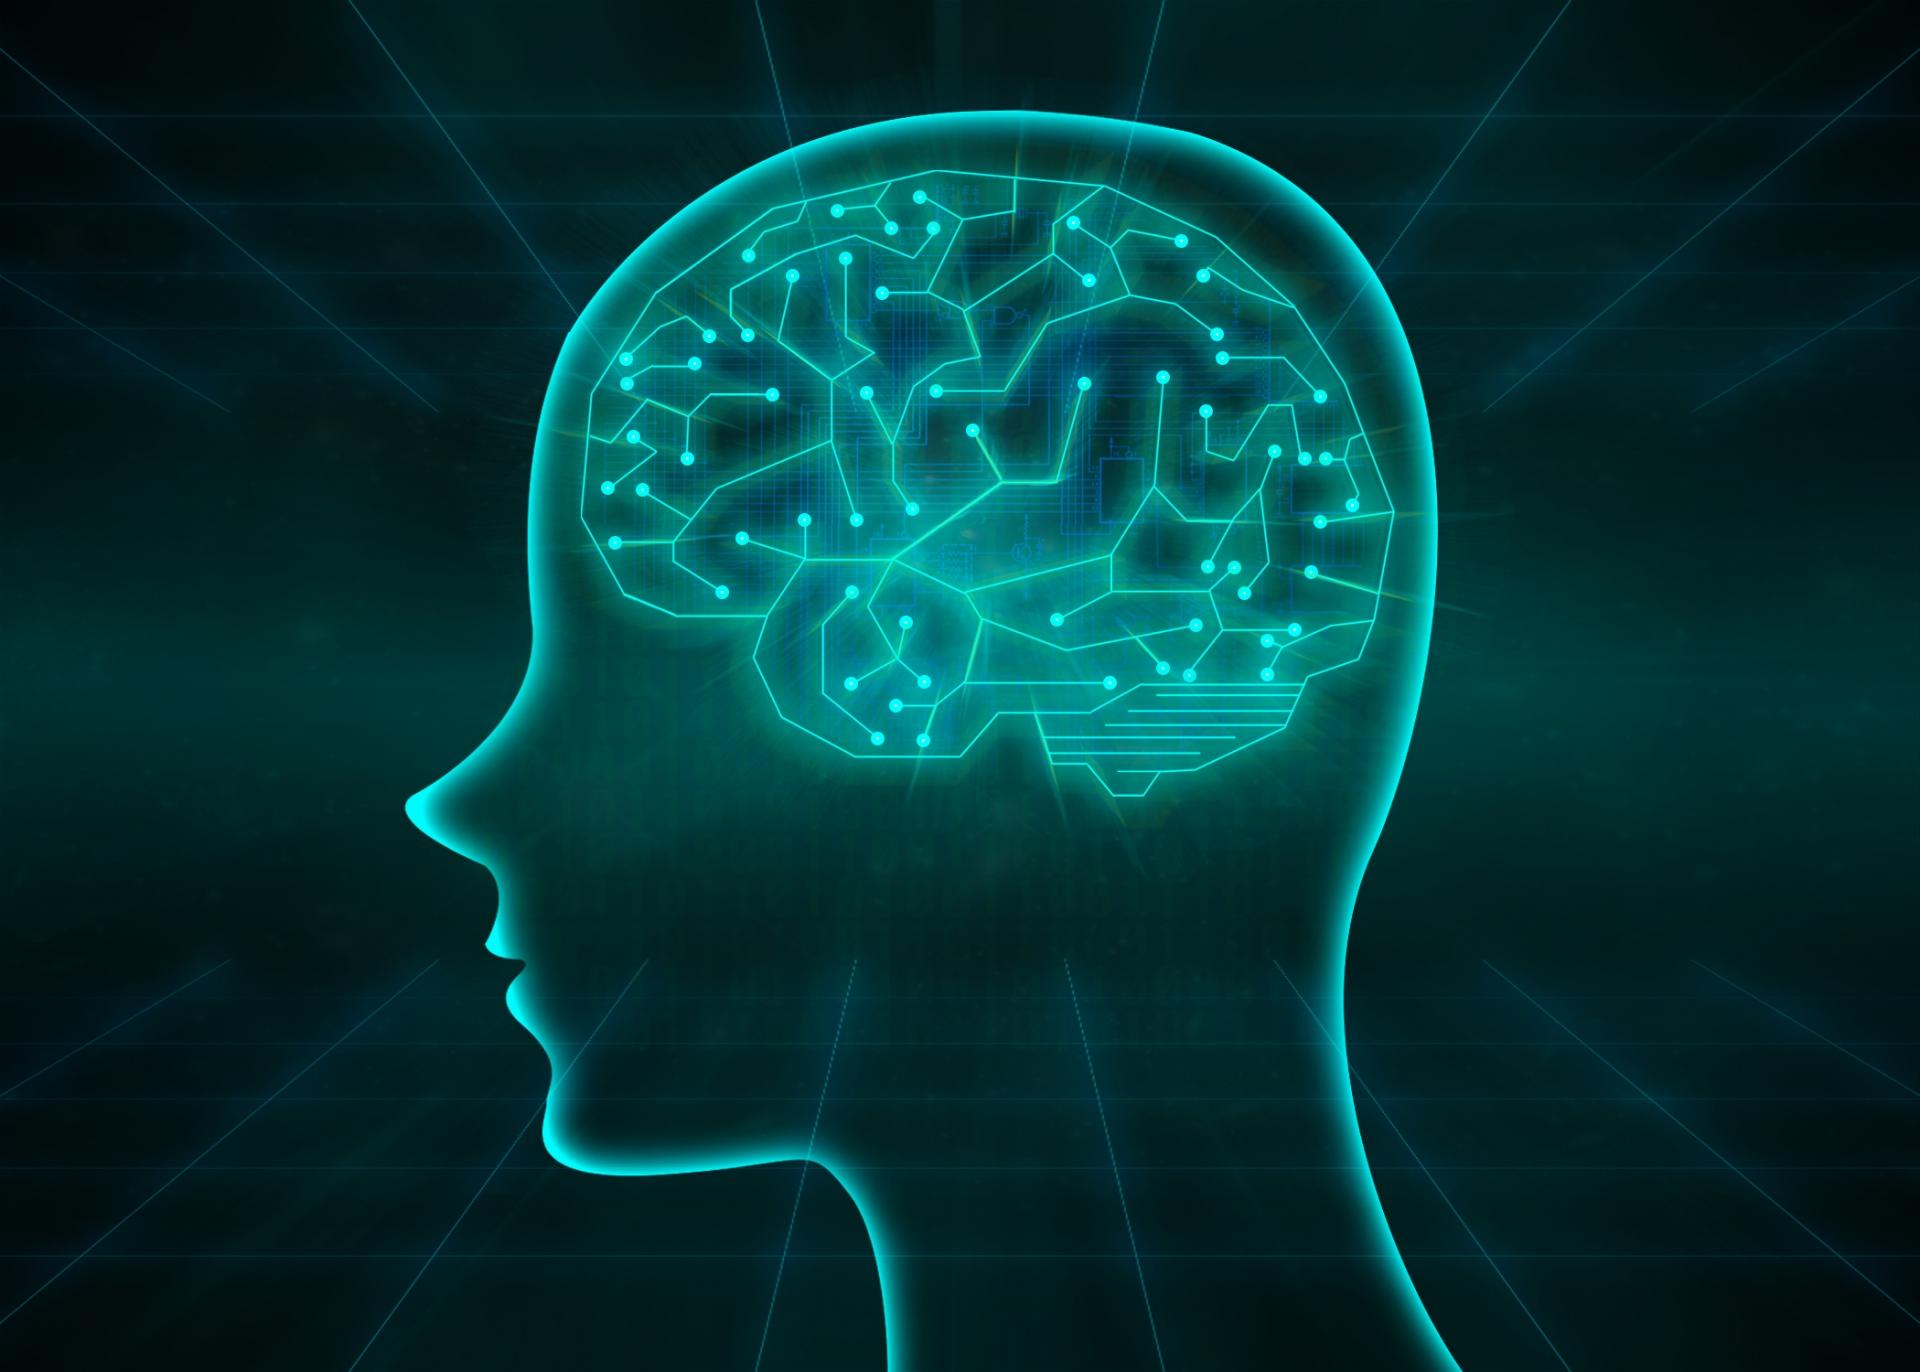 スマホ依存症の脳の回路